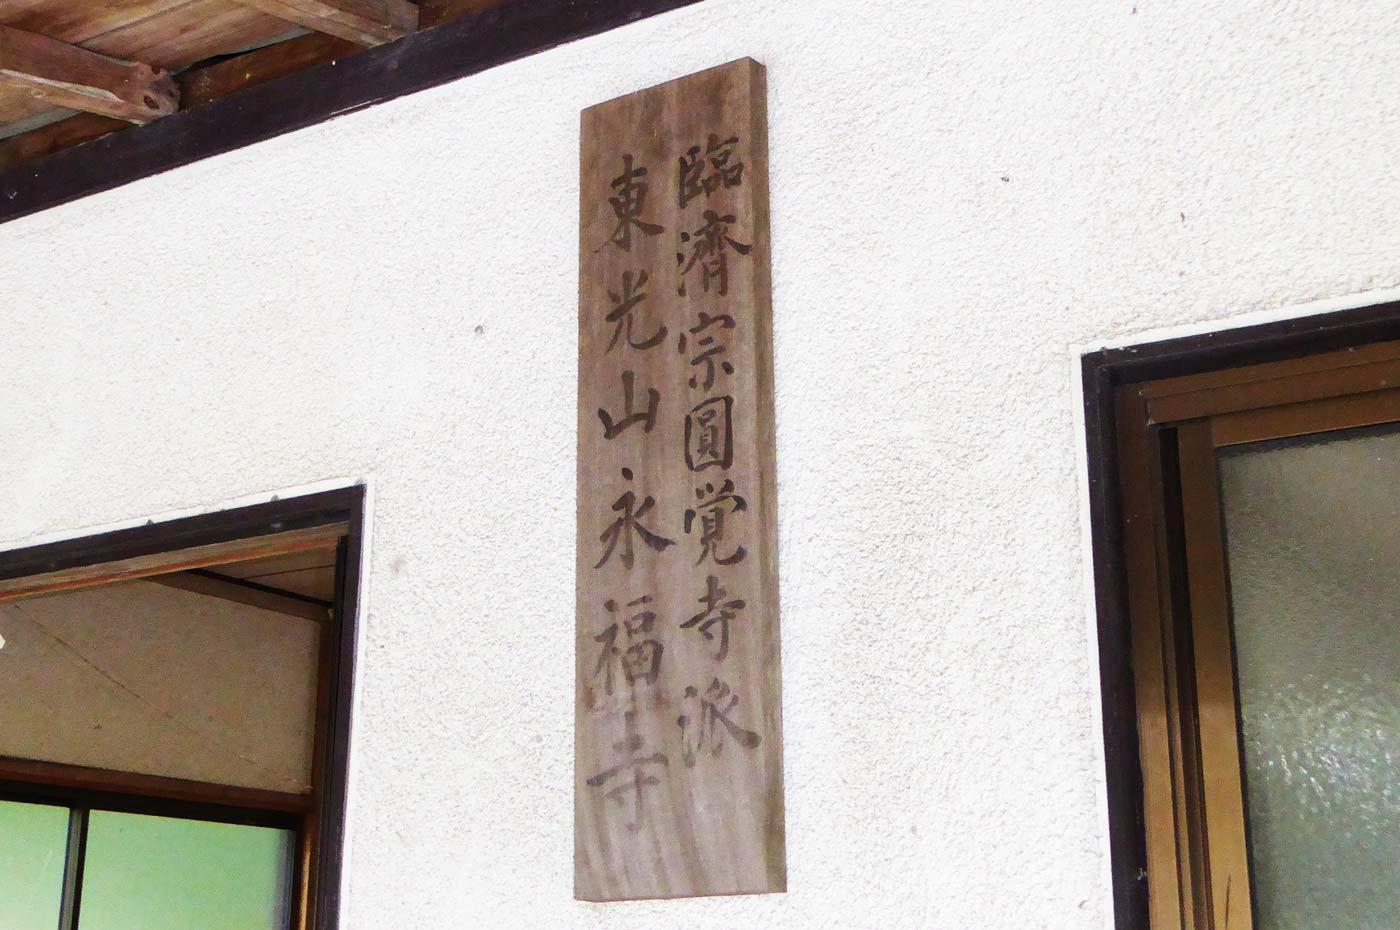 永福寺の看板の画像